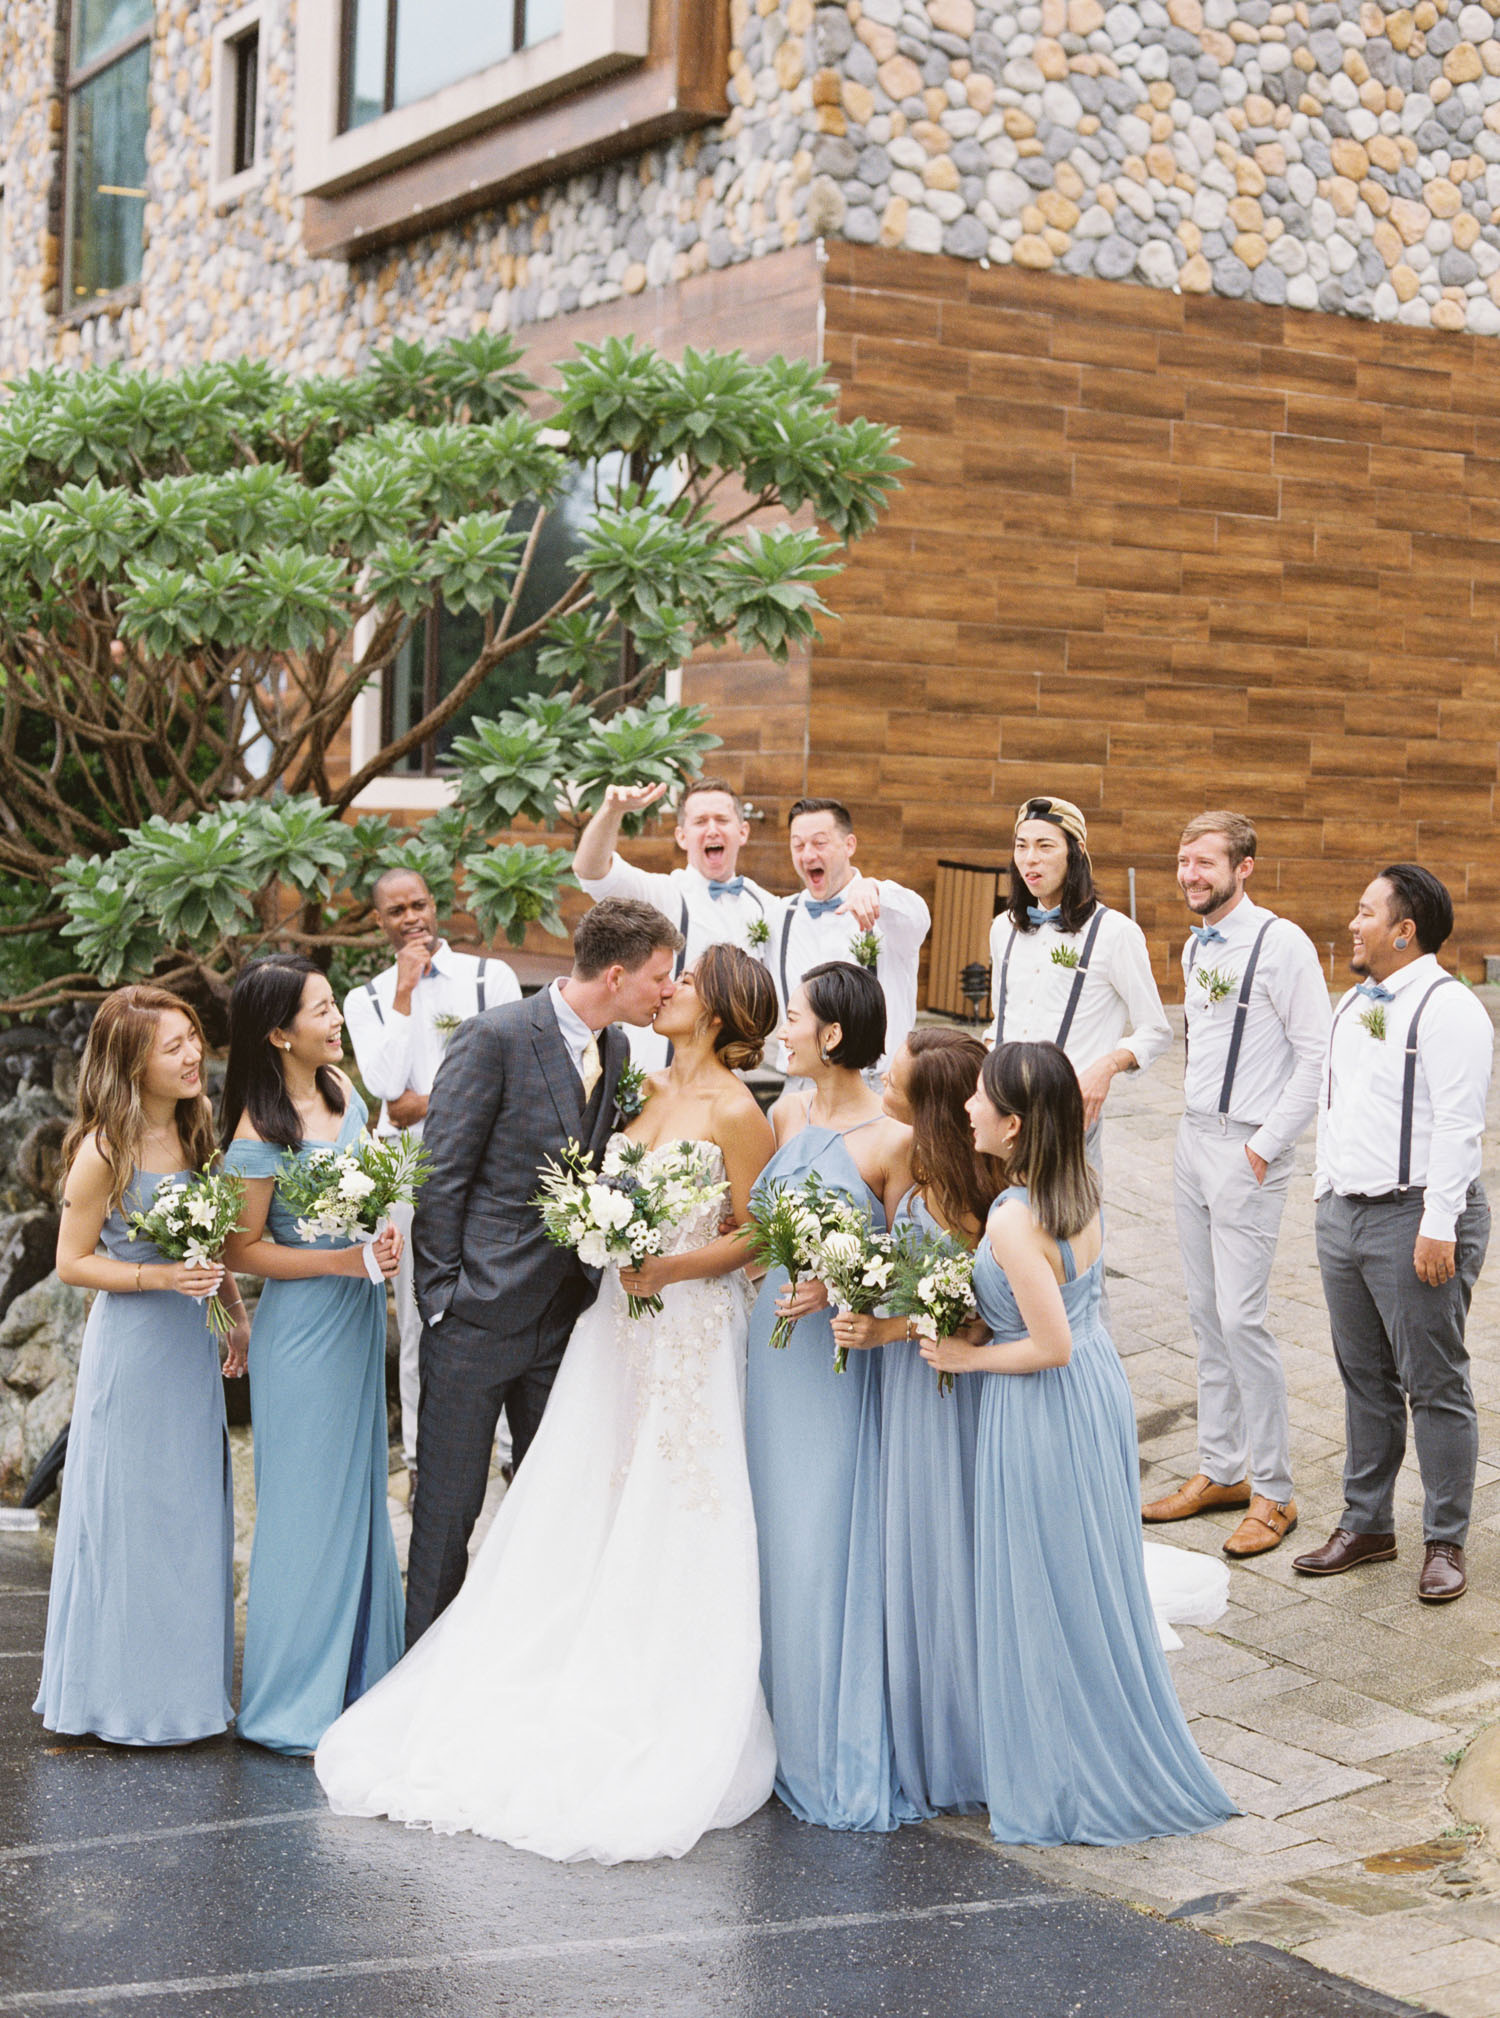 微光會館婚禮-伴娘 伴郎